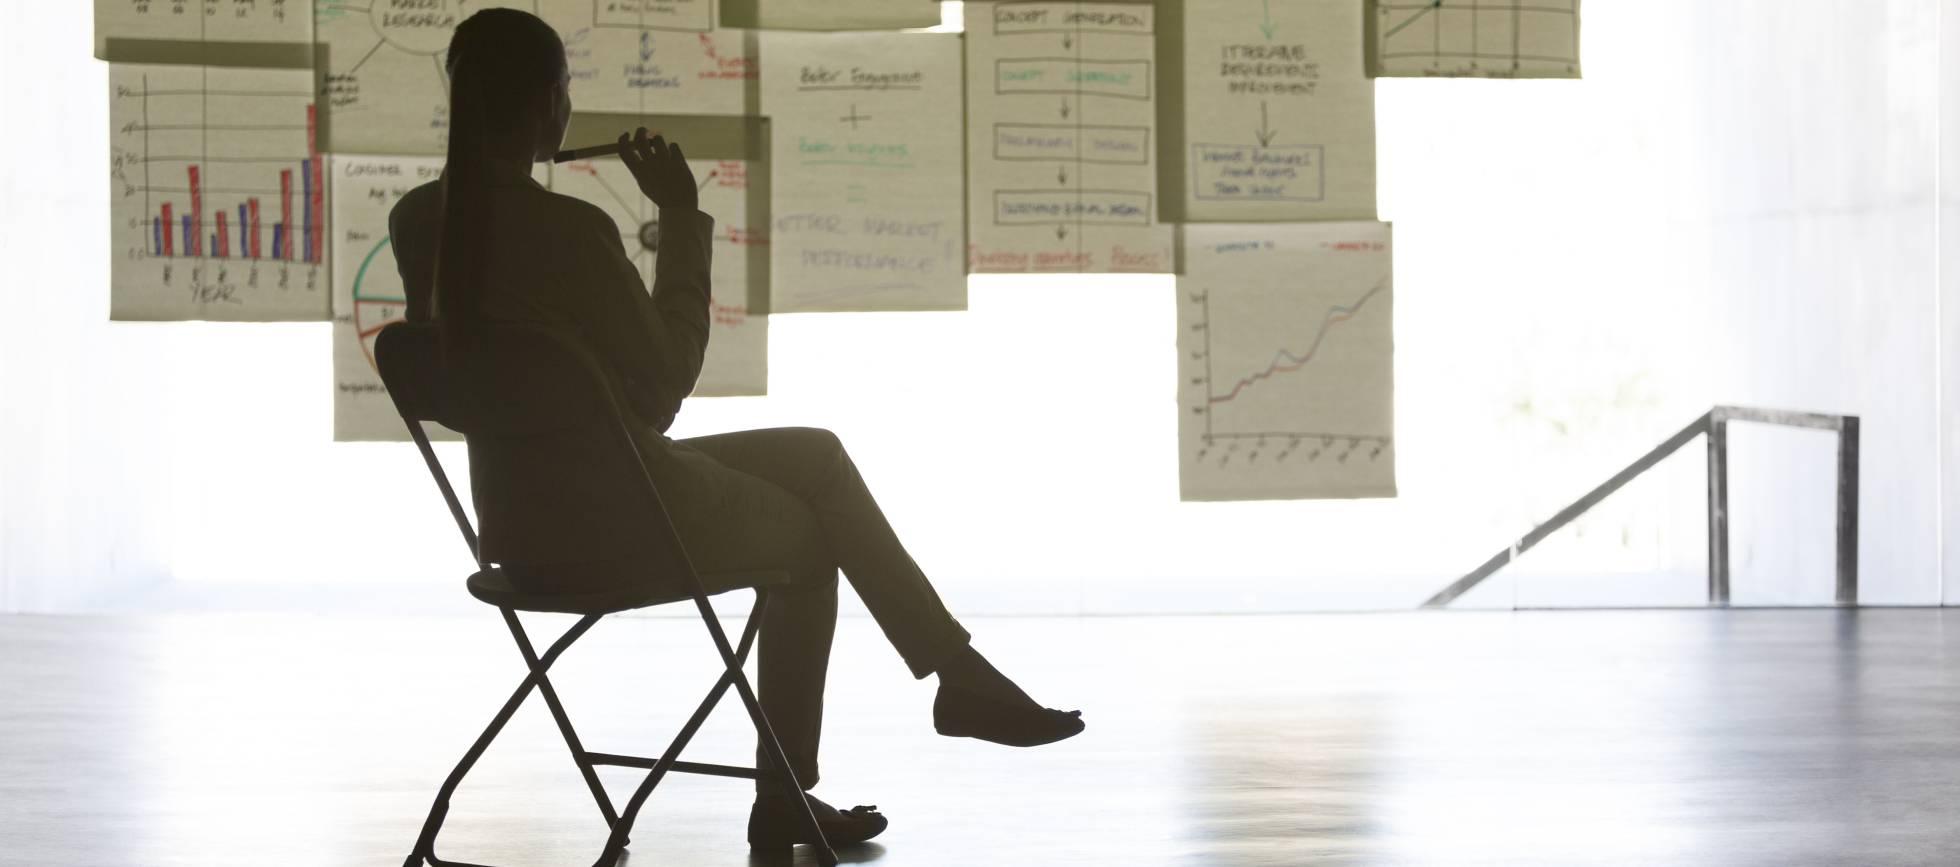 Какие профессии в области управления и маркетинга будут самыми востребованными в Испании в 2019 году?